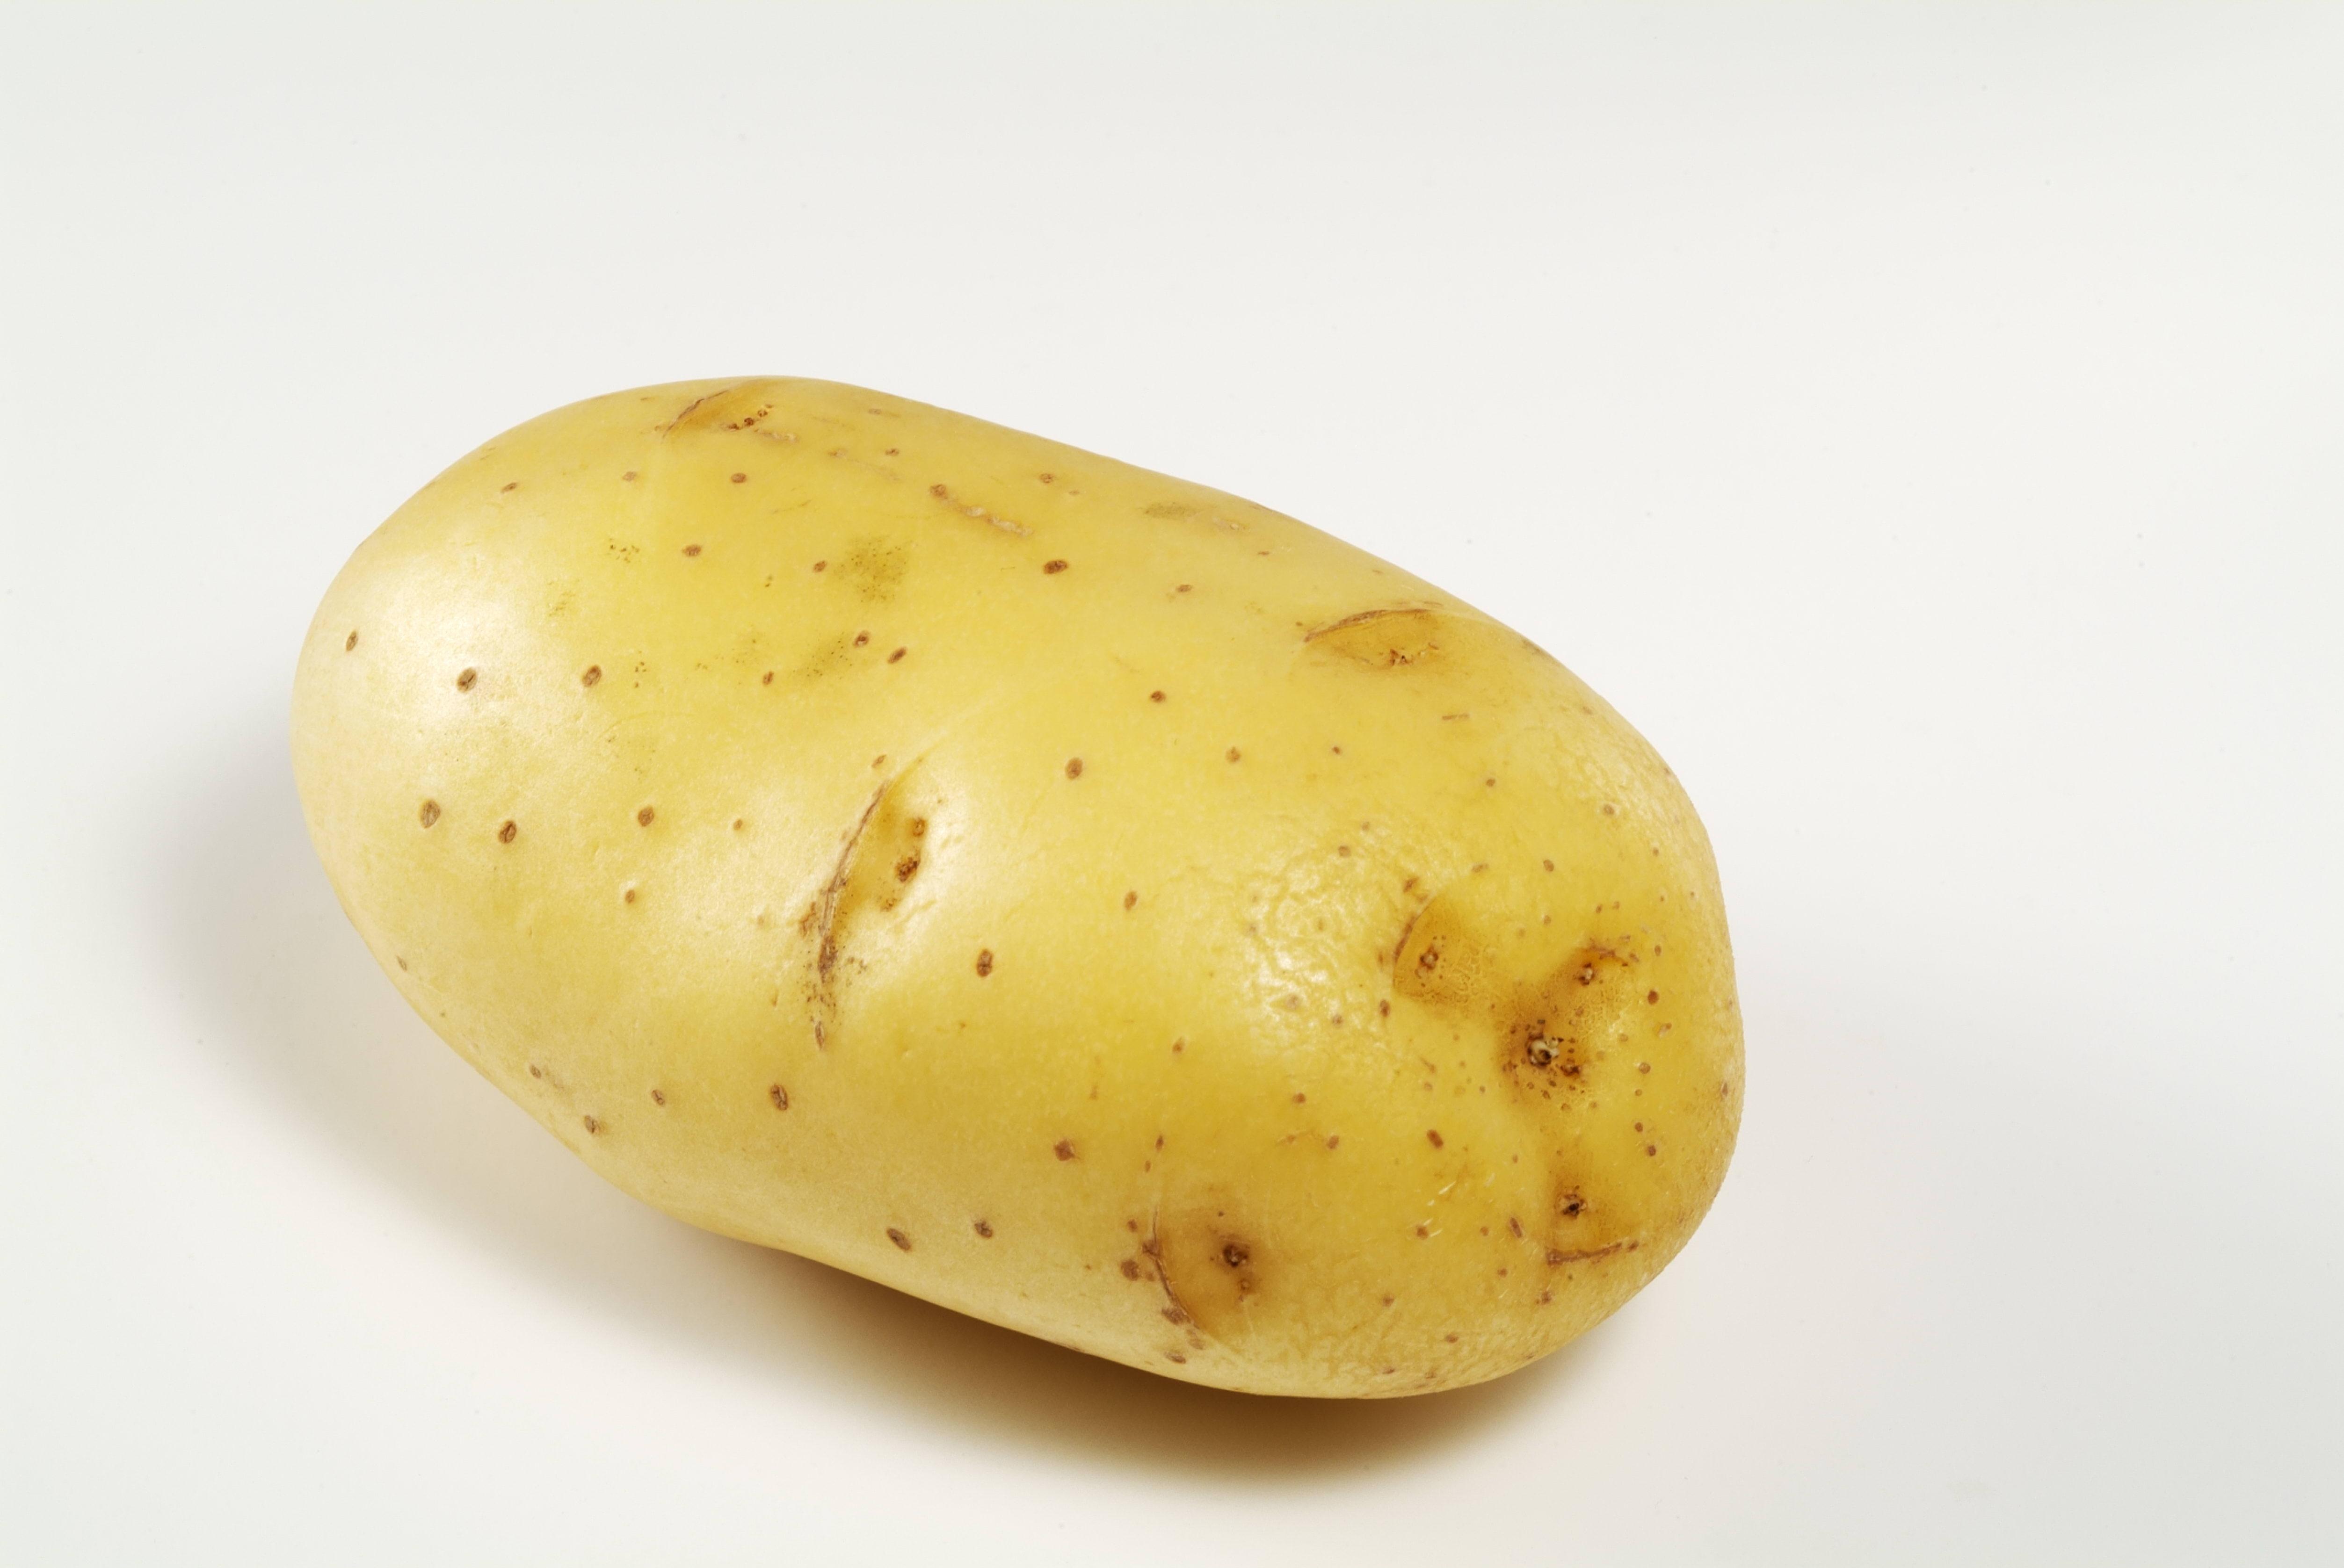 овощи картошка картинки встроенной